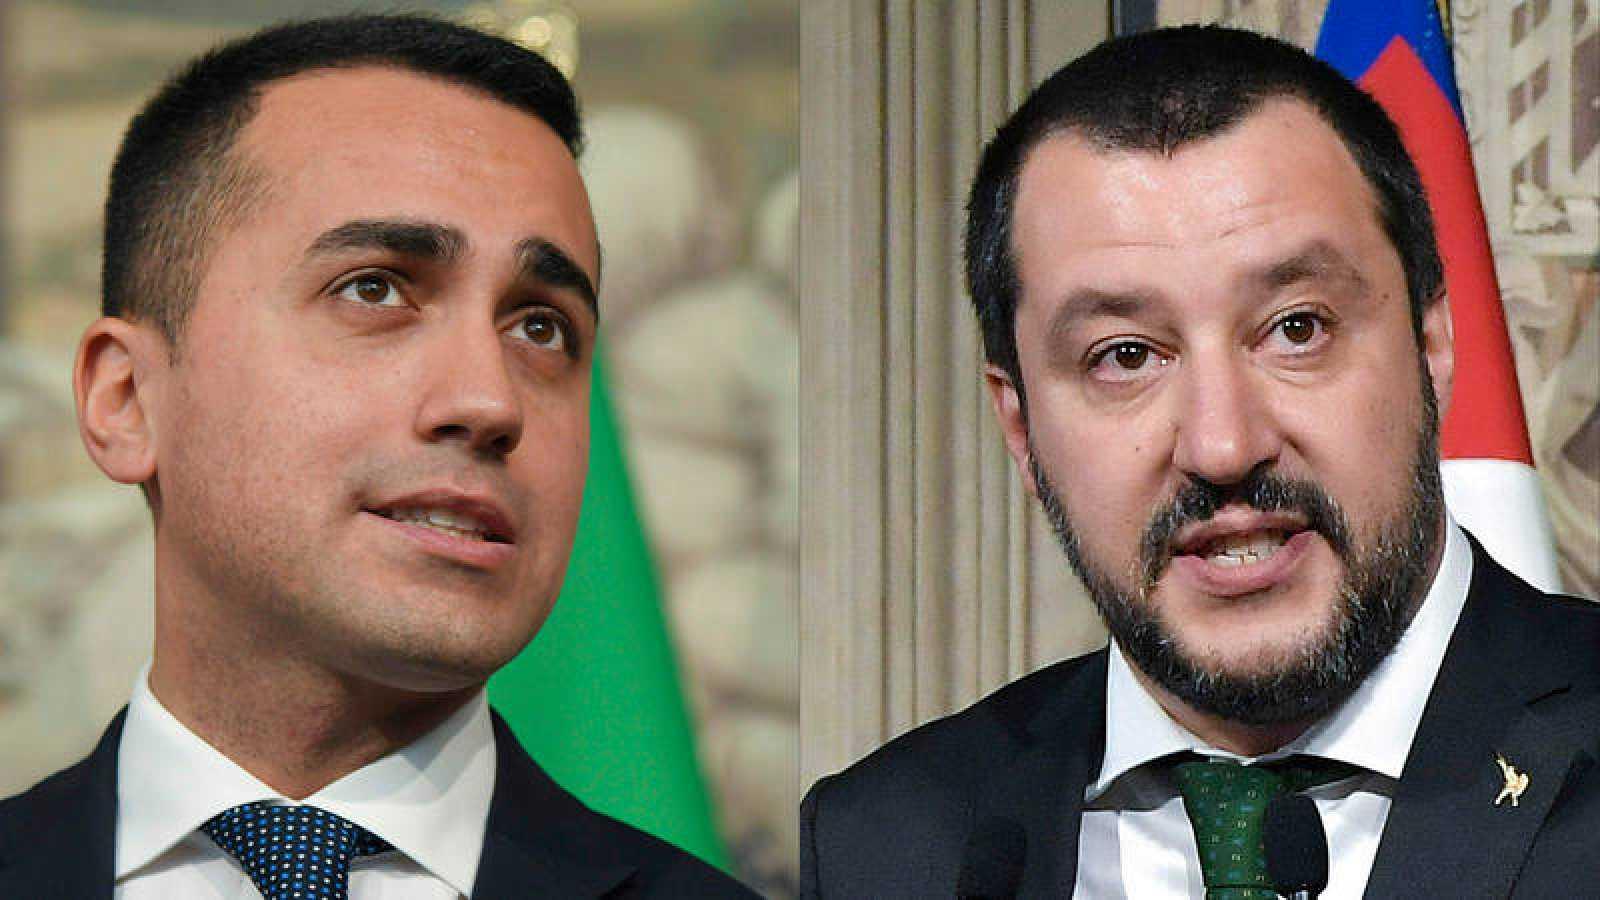 Los líderes del M5S, Luigi di Maio, y la Liga Norte, Matteo Salvini